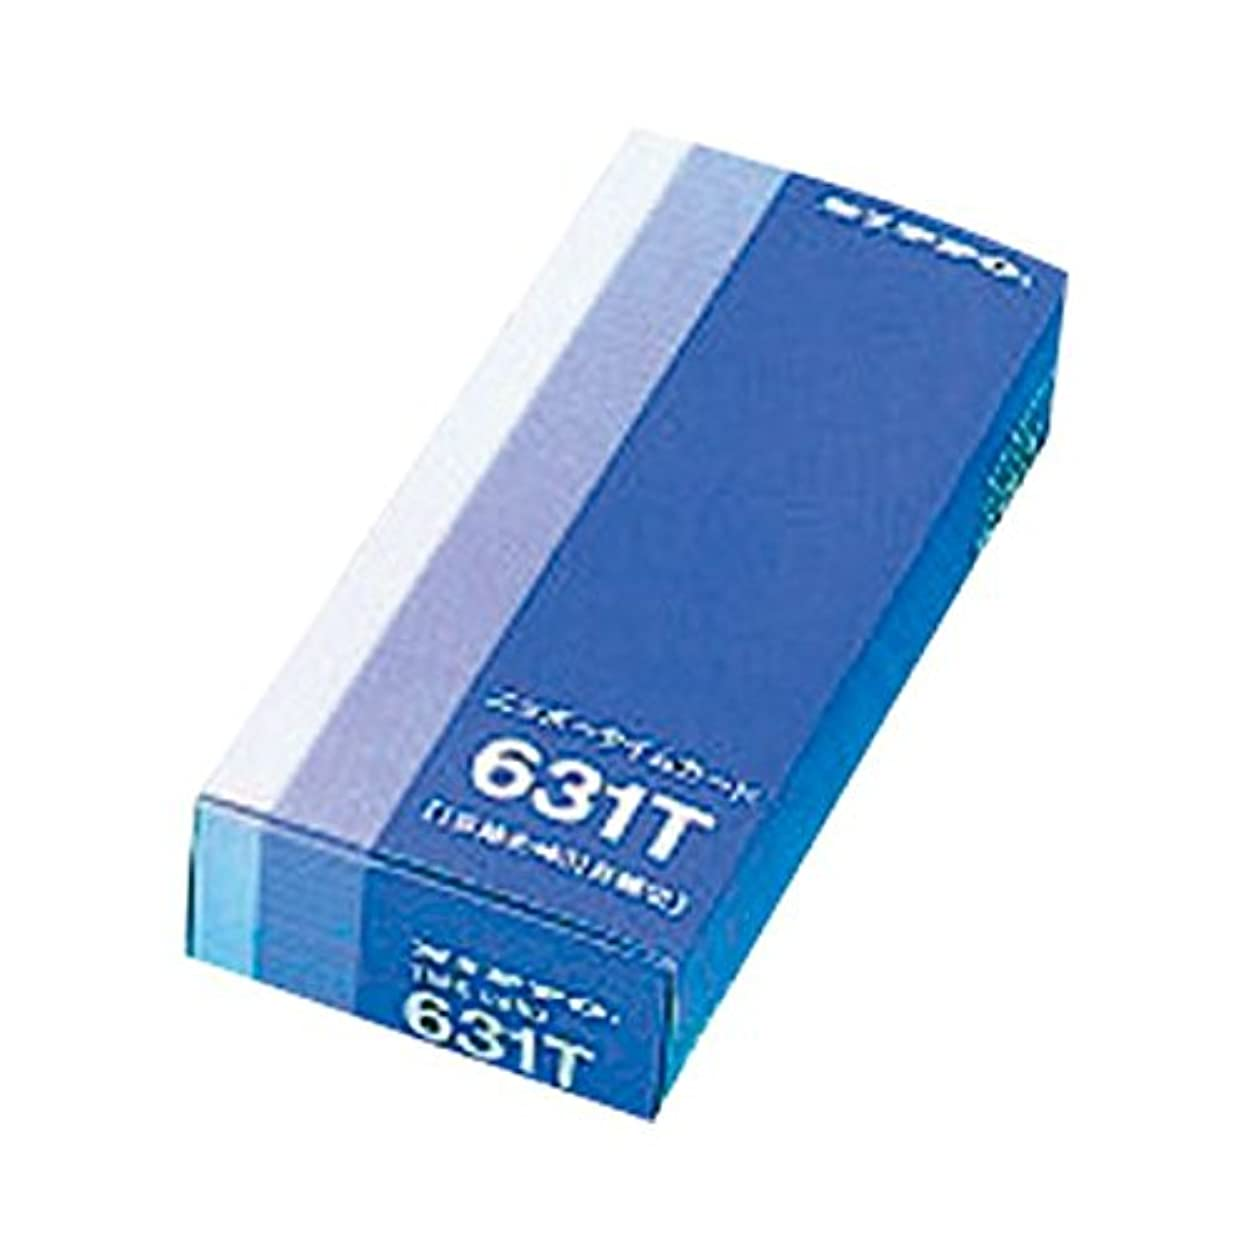 フィールドスイス人実業家(まとめ) ニッポー 標準タイムカード 月末締 631T 1パック(100枚) 【×3セット】 ds-1570262